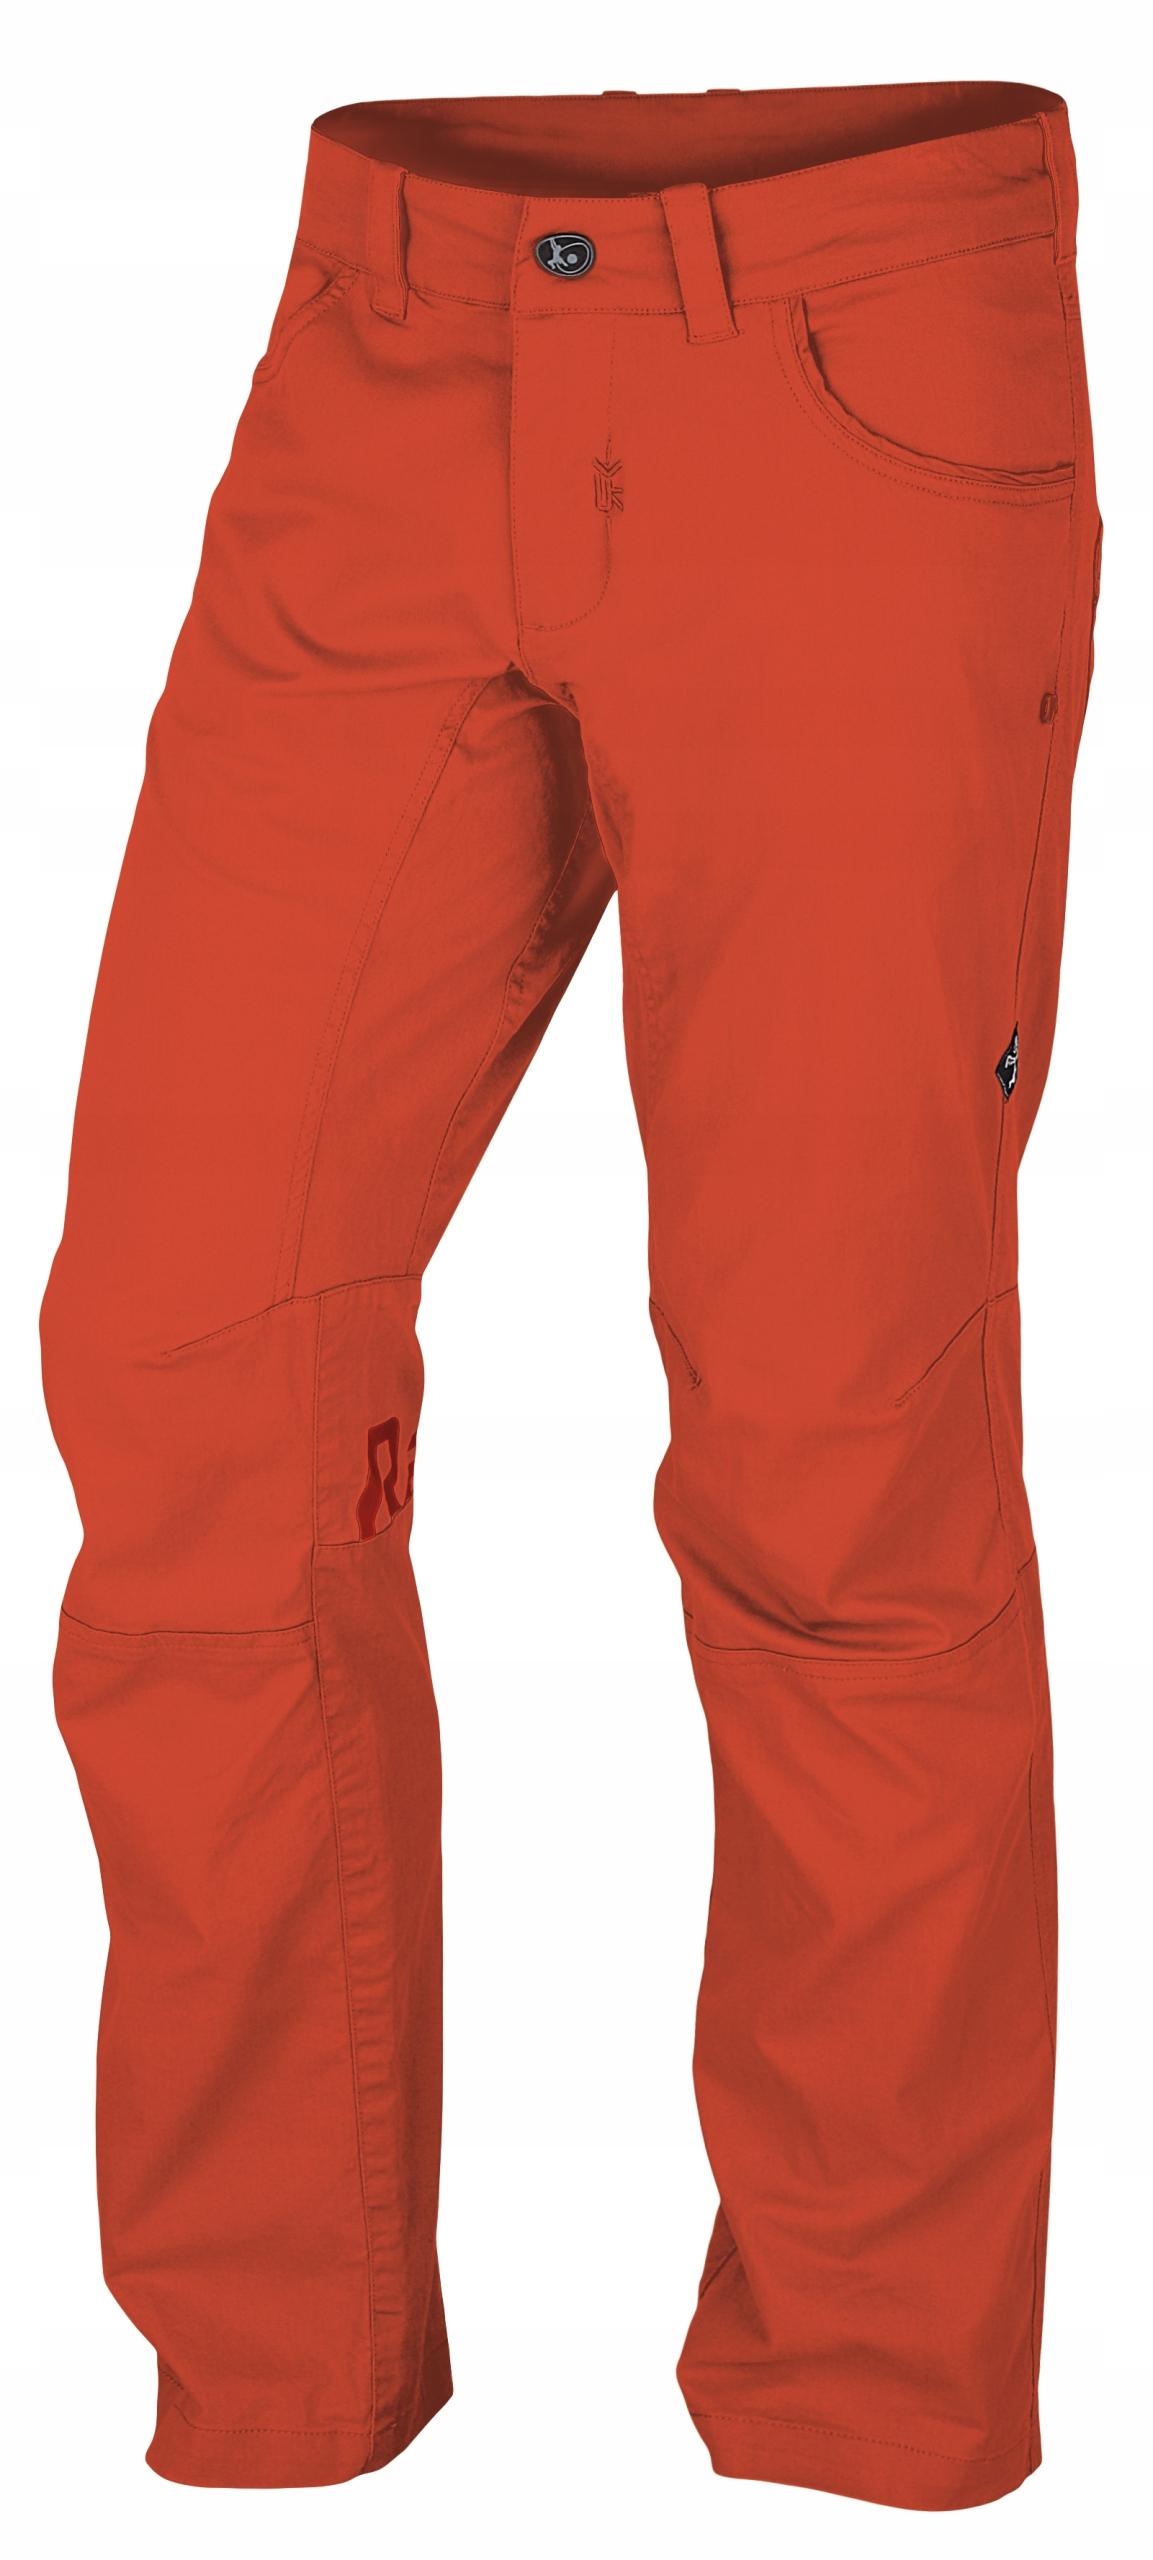 Rafiki Spodnie wspinaczkowe Faux Man Poinciana (S